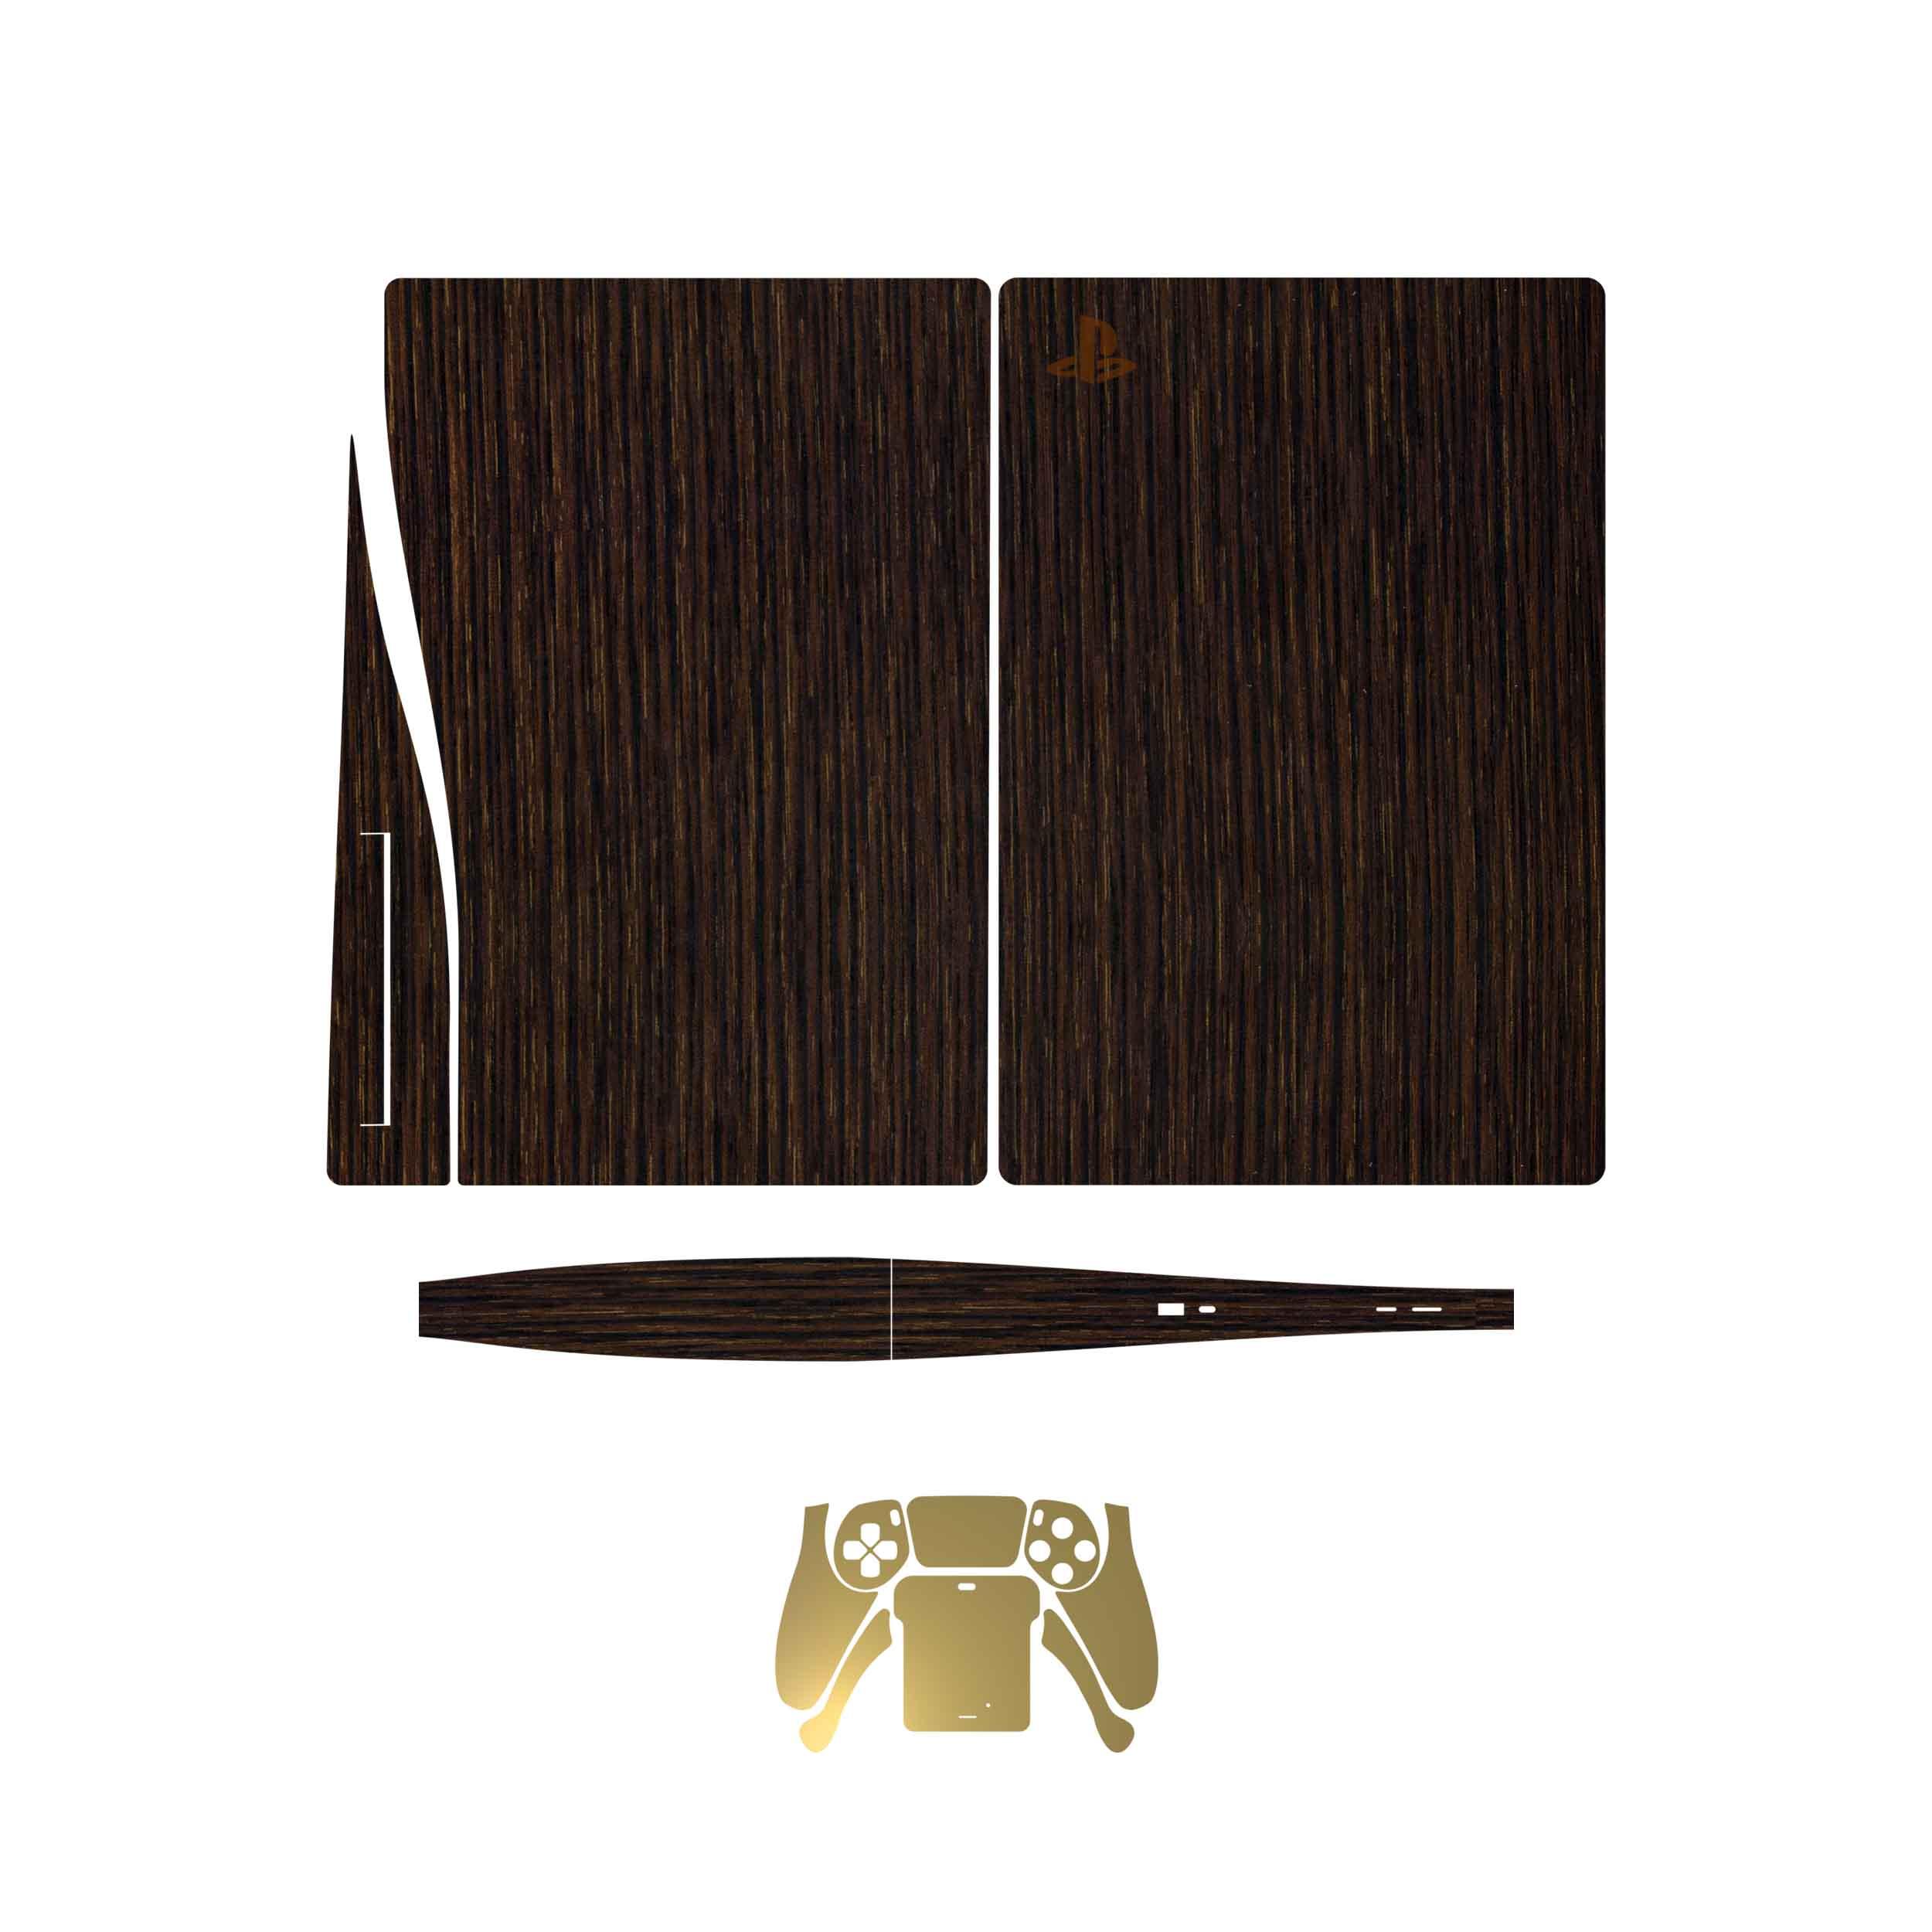 بررسی و {خرید با تخفیف}                                     برچسبکنسول و دستهبازی PS5ماهوت مدل  Dark Gold Stripes Wood MatteGold                             اصل